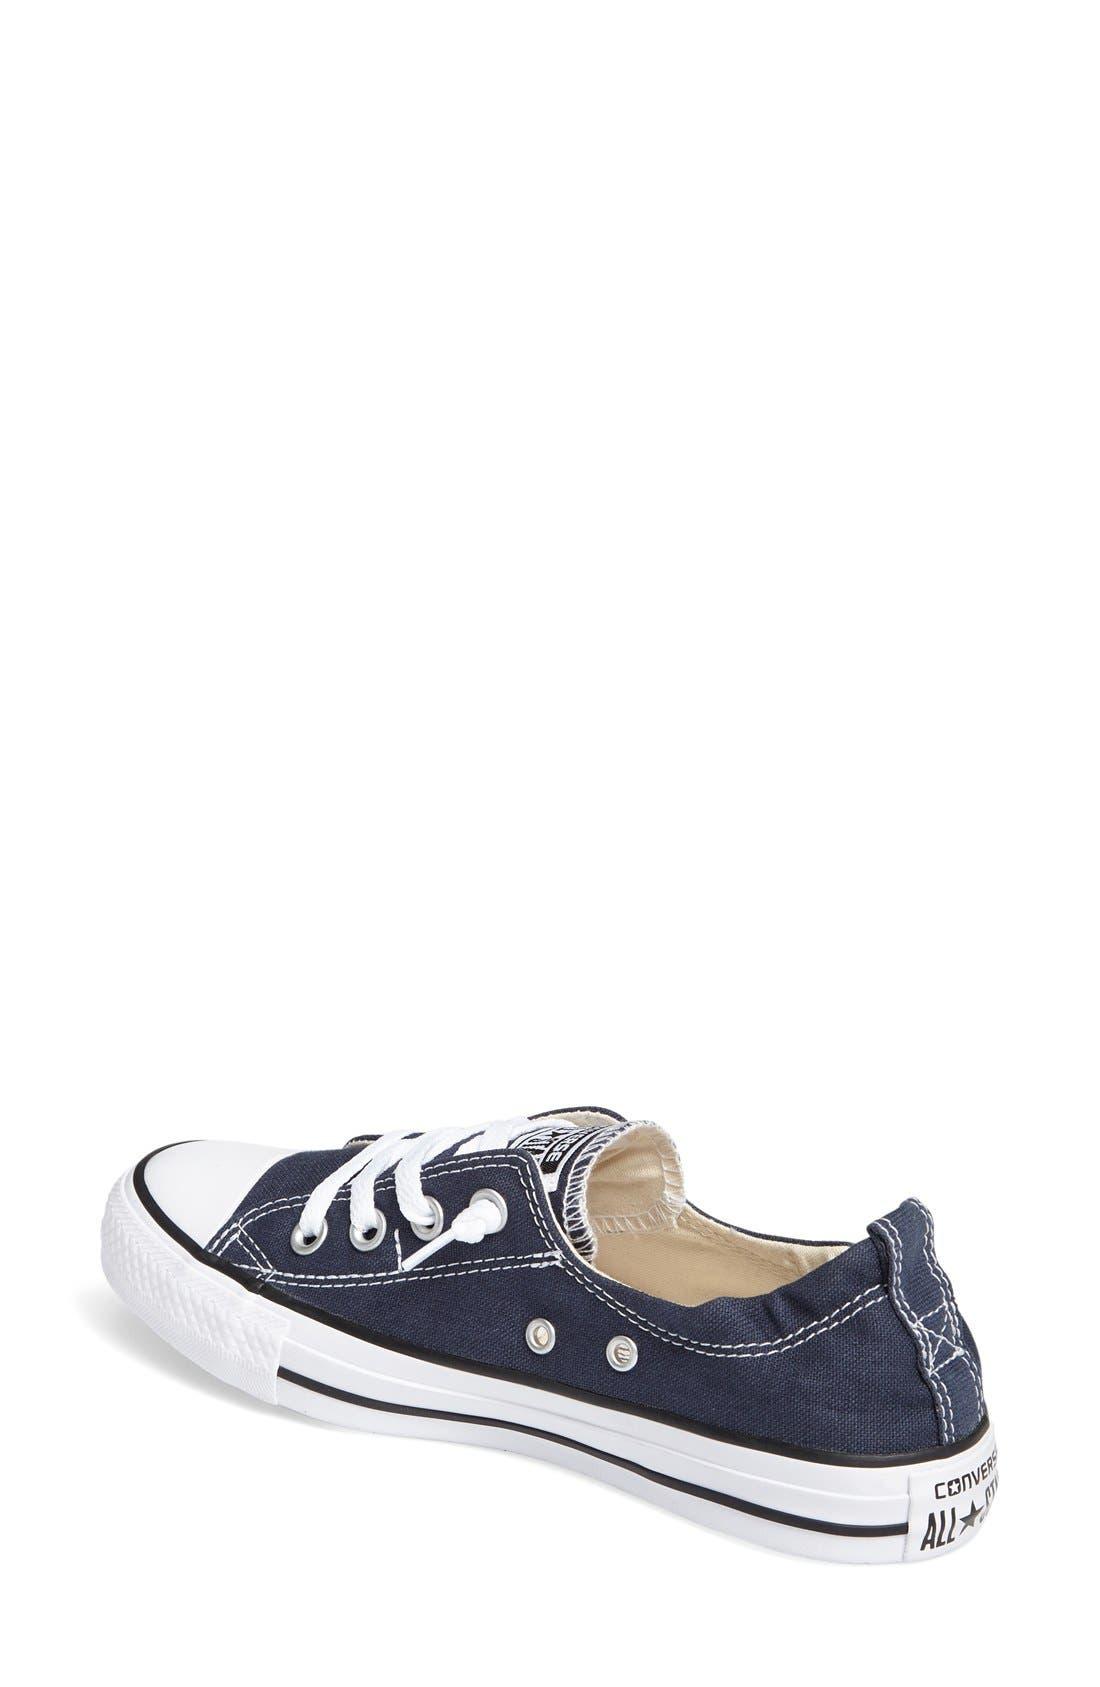 CONVERSE, Chuck Taylor<sup>®</sup> 'Shoreline' Sneaker, Alternate thumbnail 8, color, NAVY